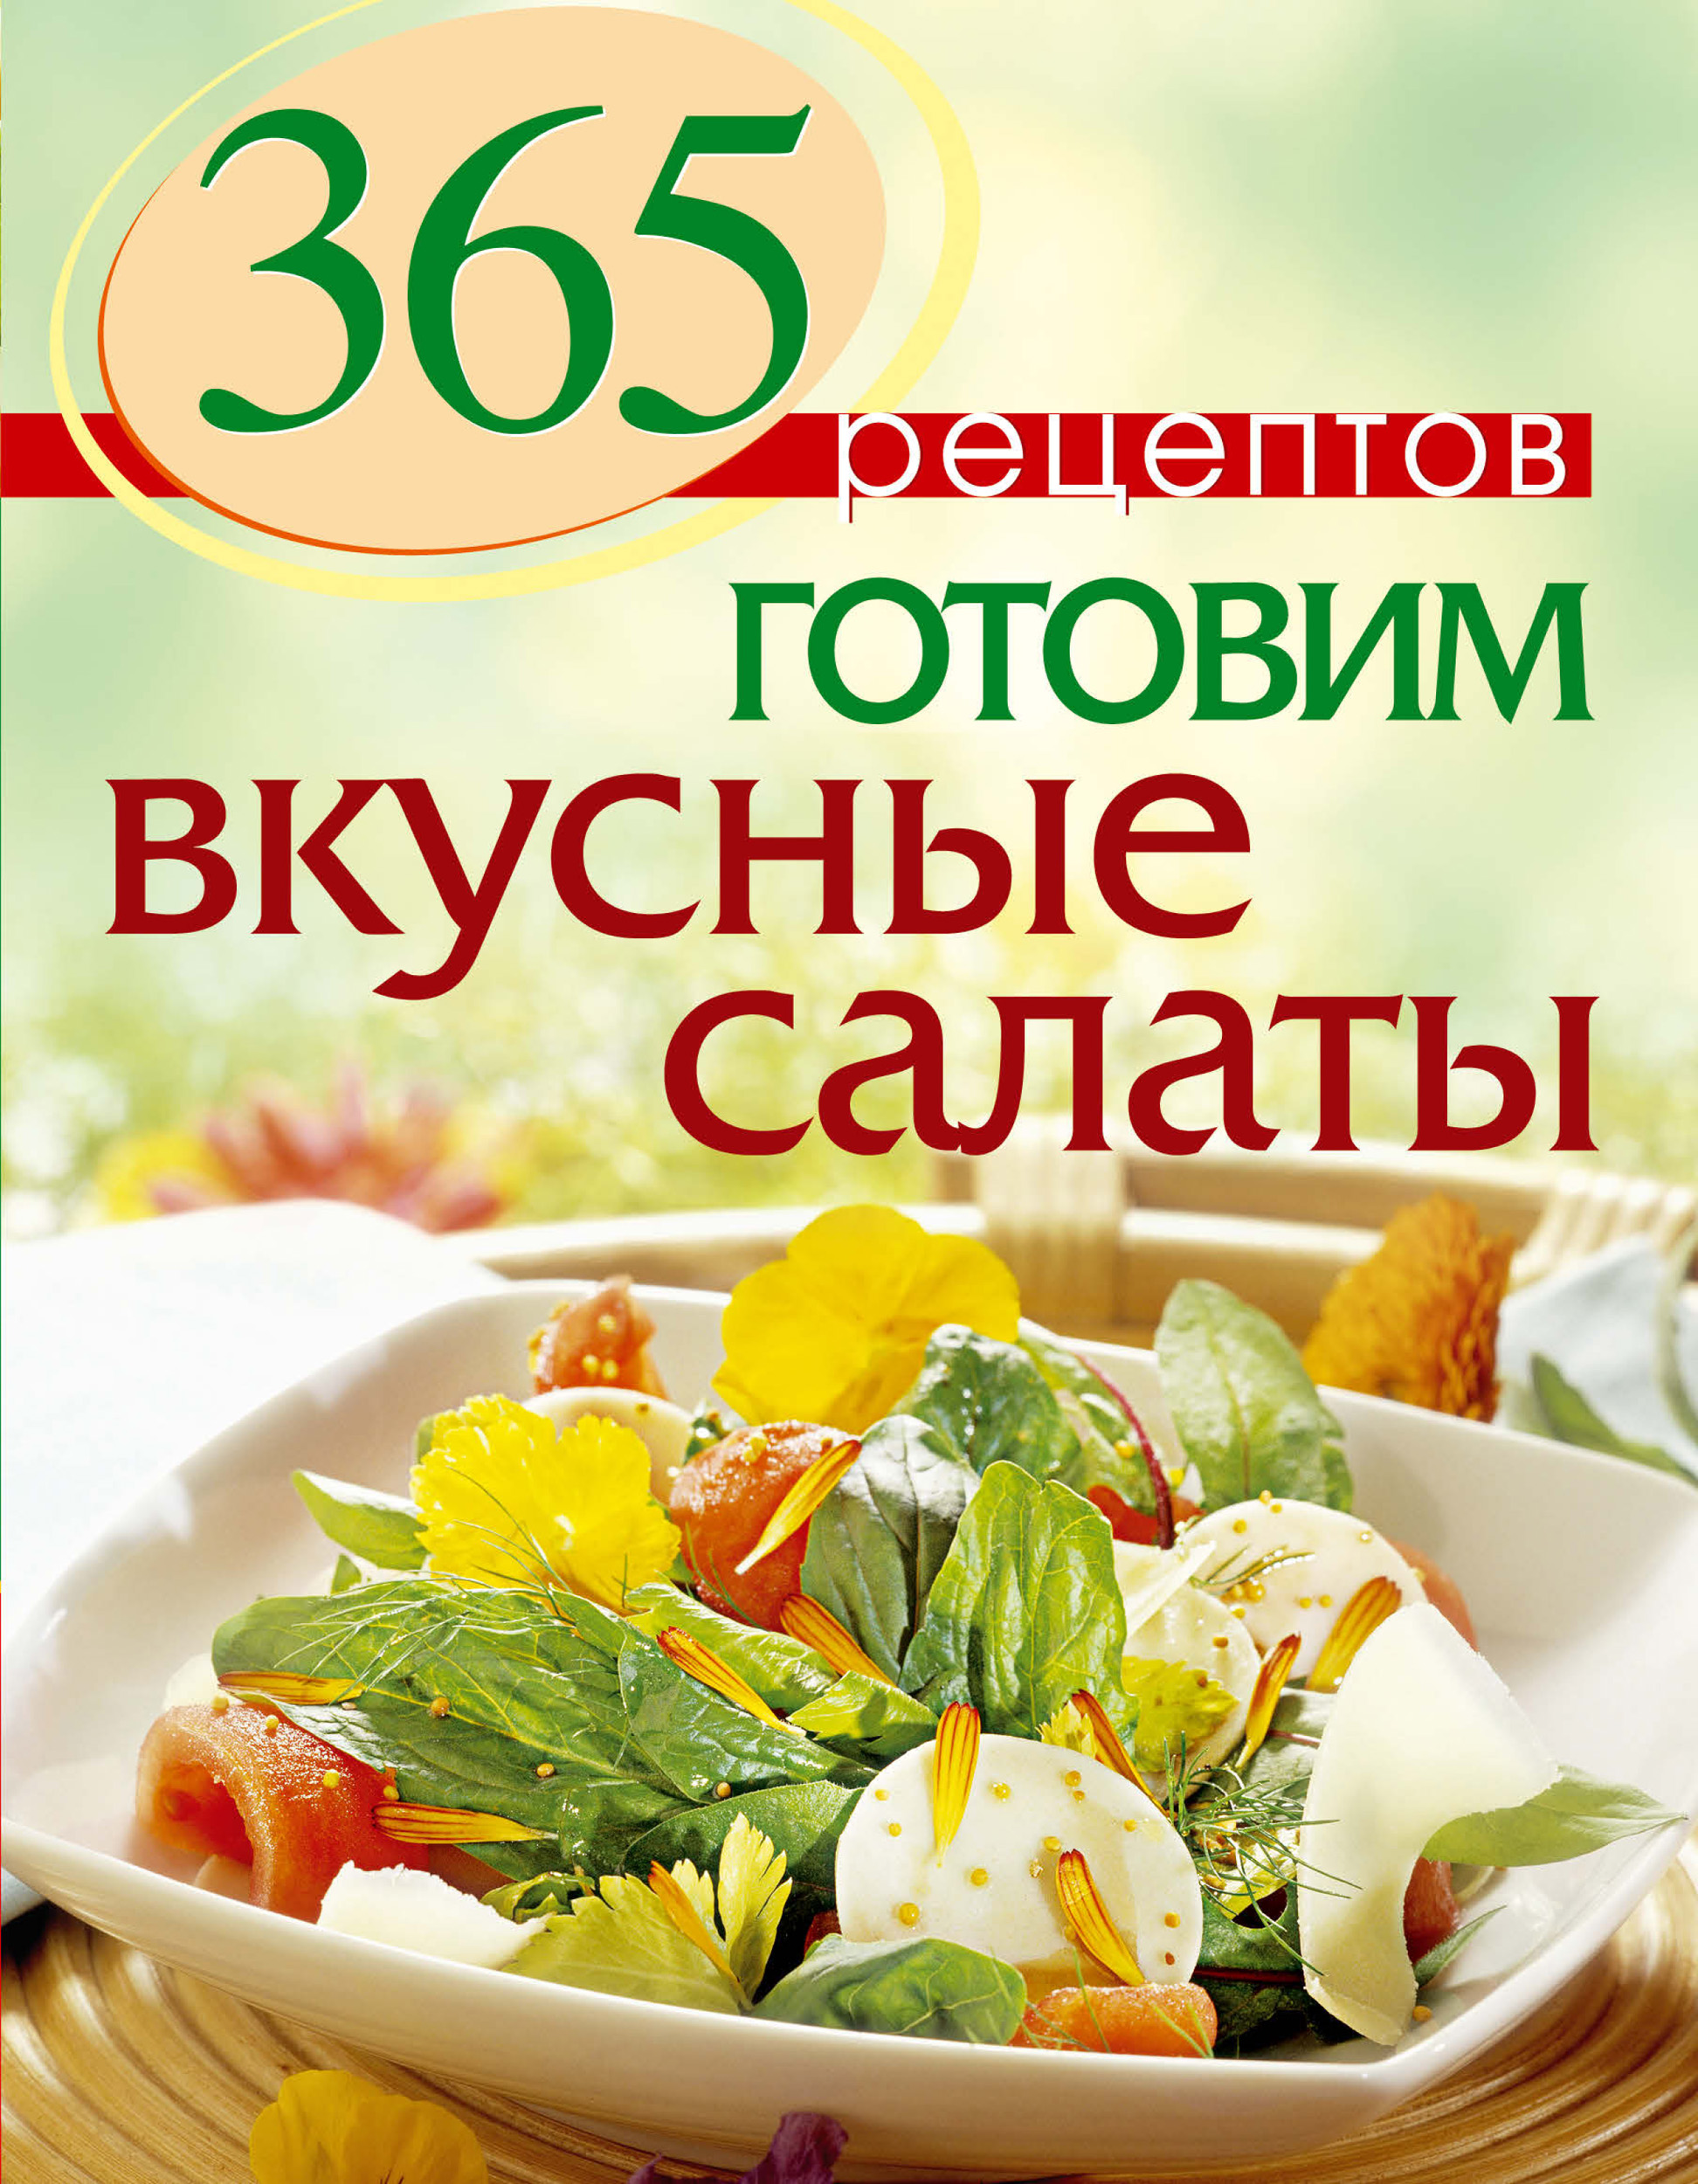 Отсутствует 365 рецептов. Готовим вкусные салаты алла ладвинская салаты из овощей салаты из фруктов и ягод